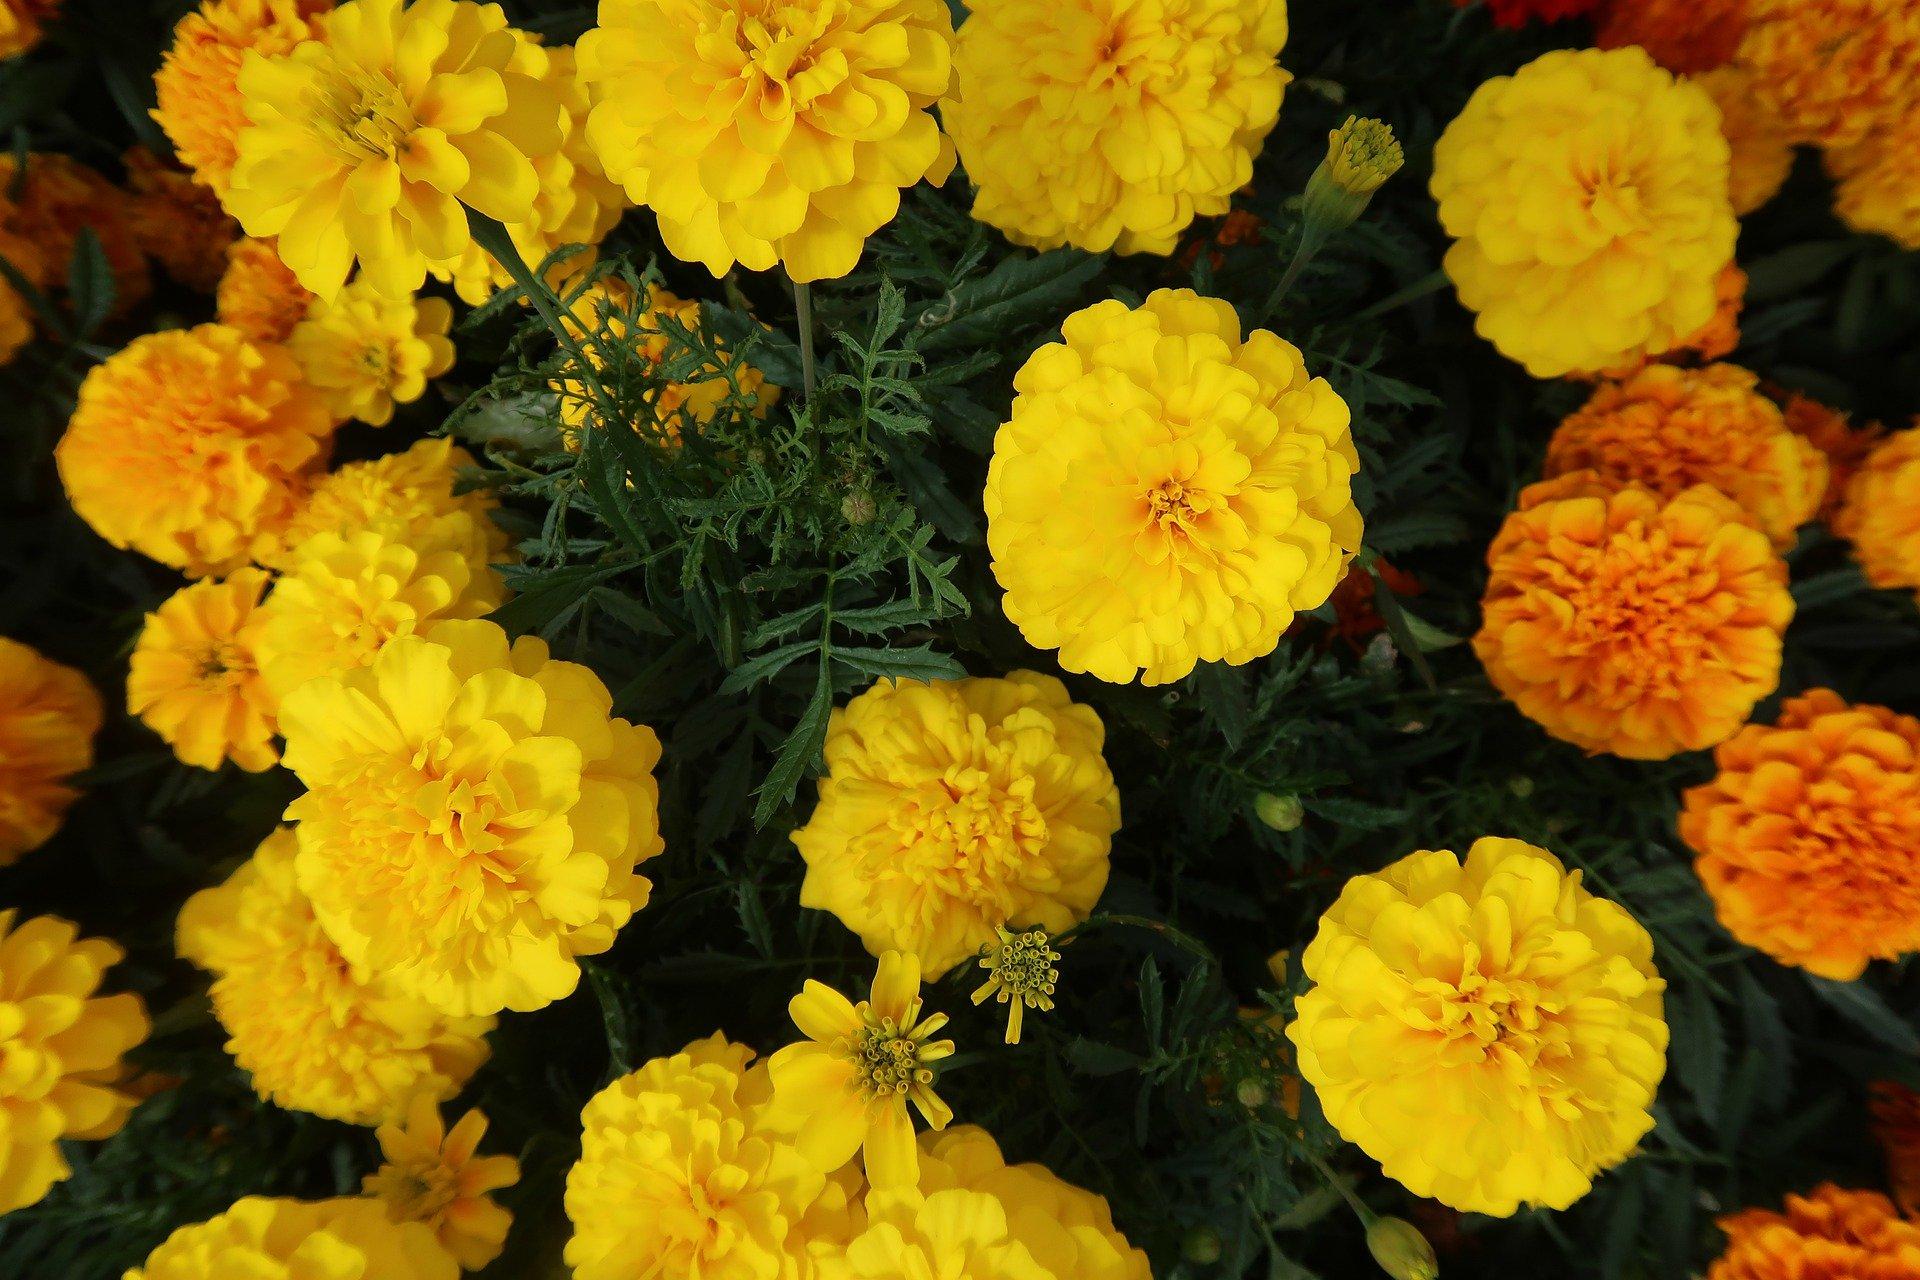 Flores de cempasúchil no se venden por crisis